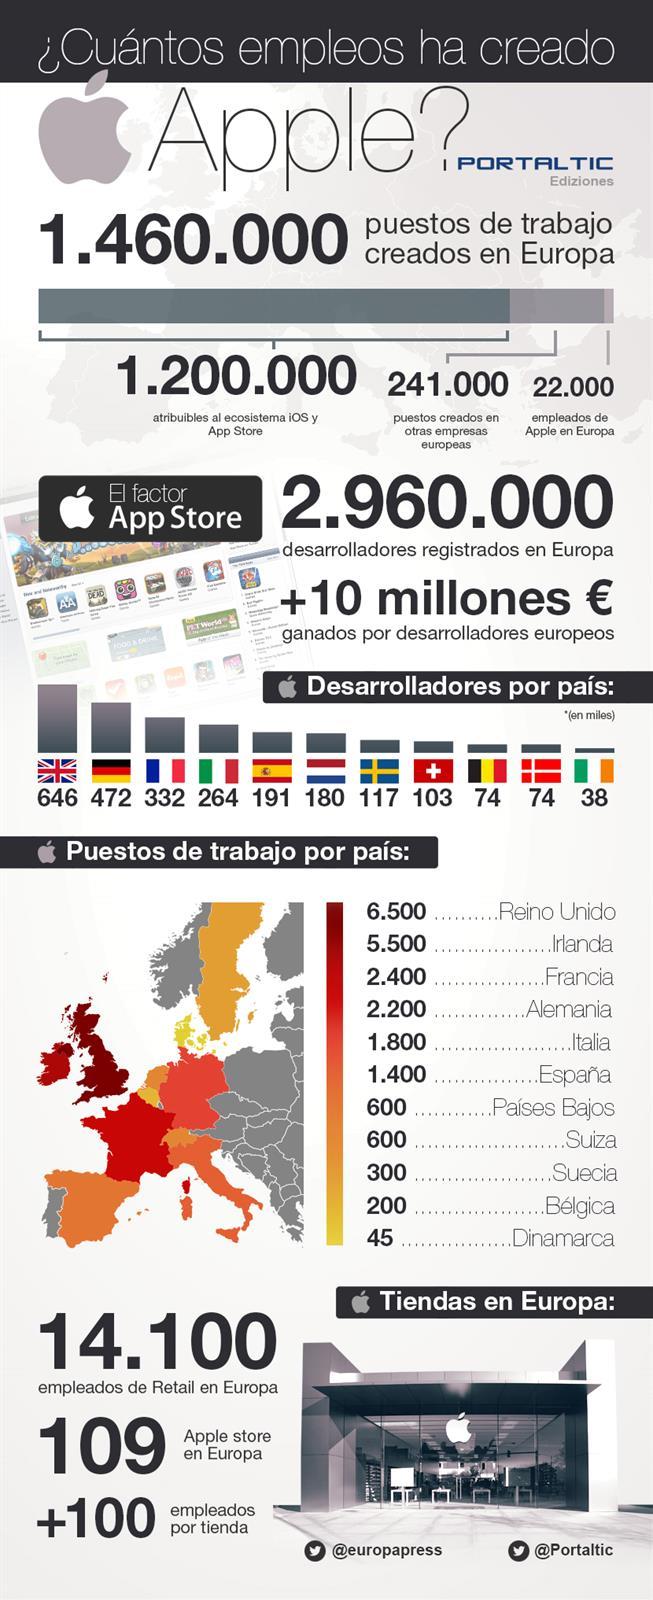 Empleos generados por Apple en Europa